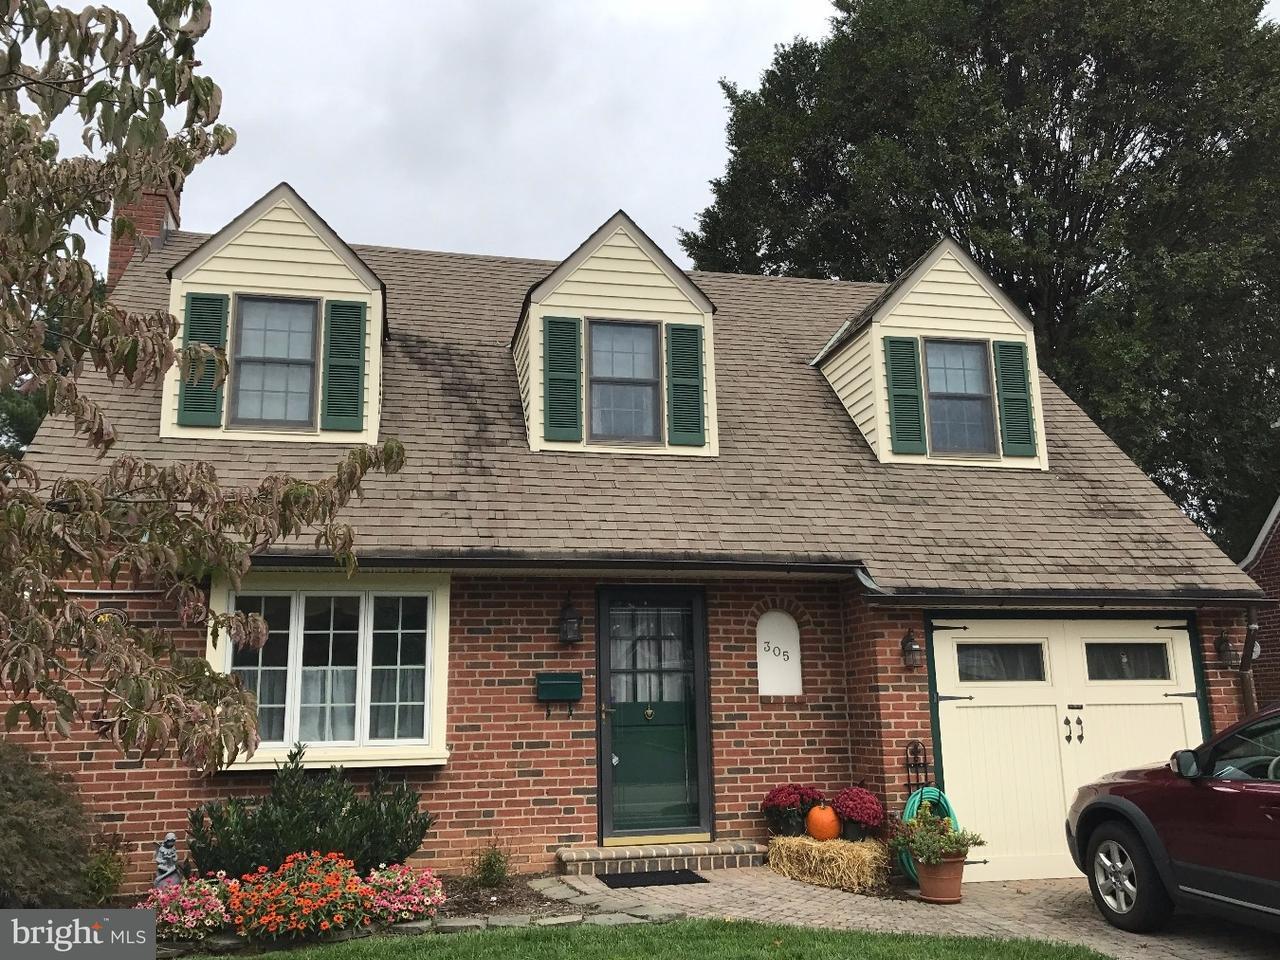 Частный односемейный дом для того Продажа на 305 BURTON Road Oreland, Пенсильвания 19075 Соединенные Штаты